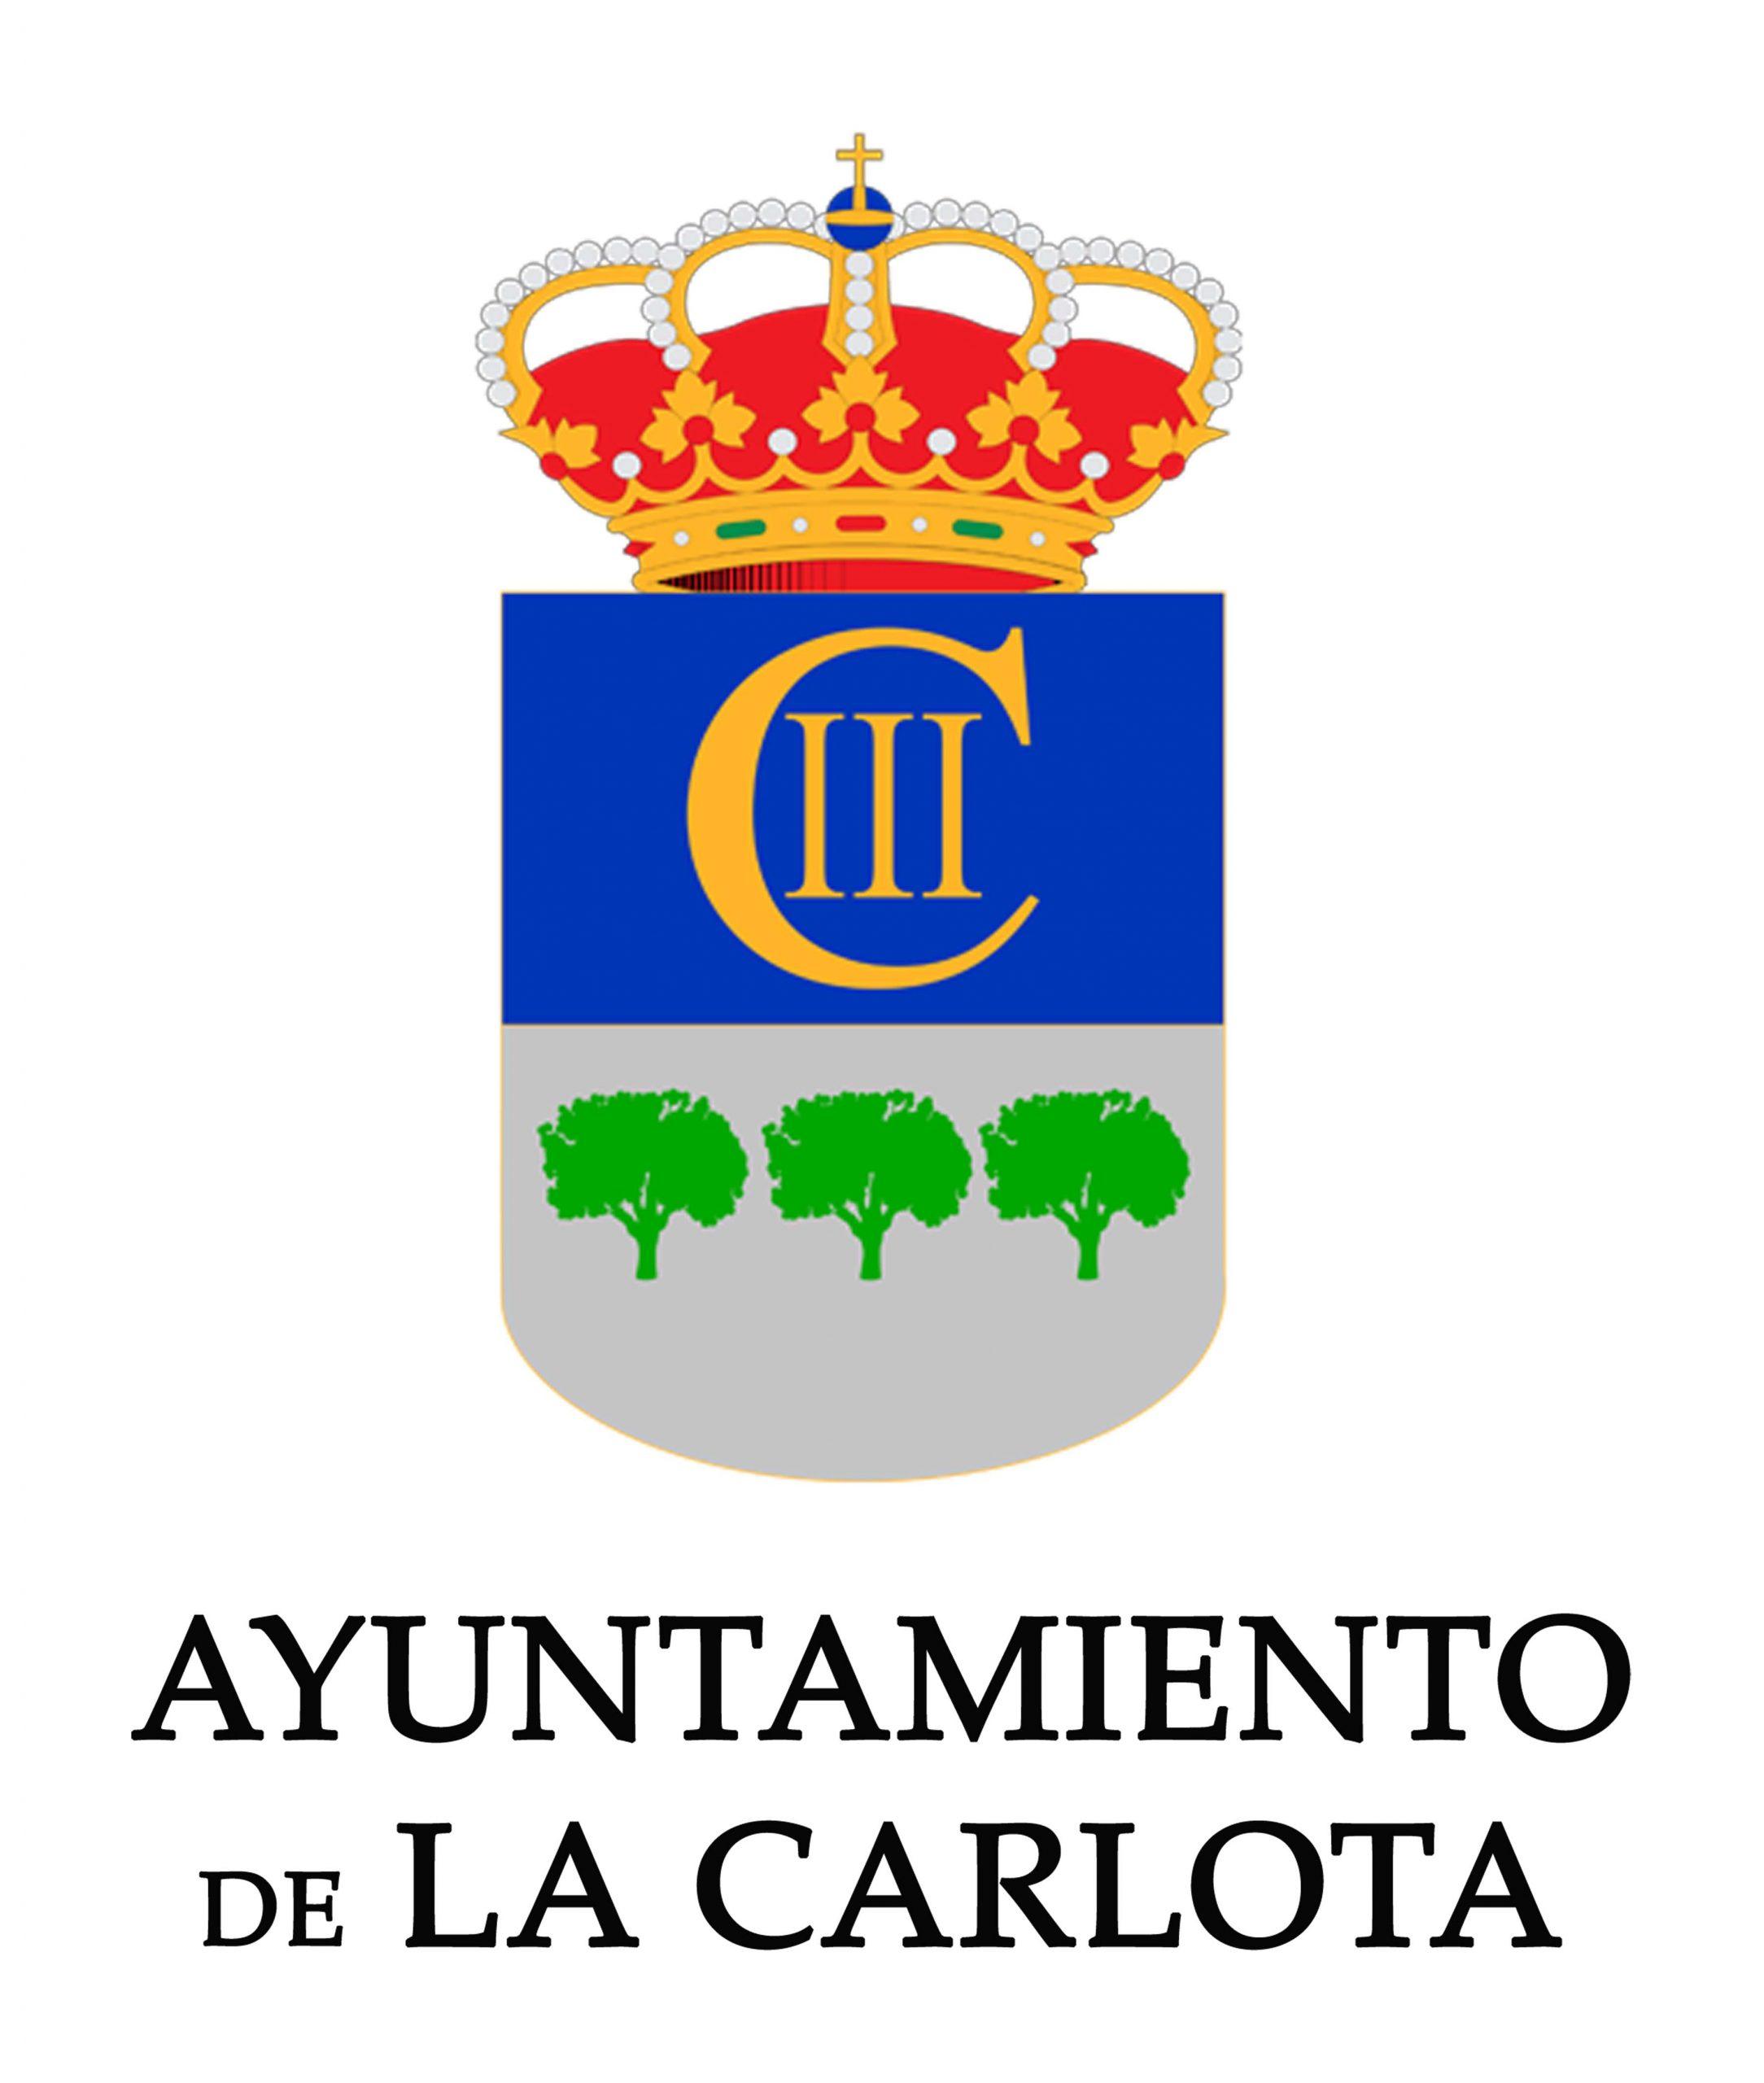 COMUNICADO EL AYUNTAMIENTO DE LA CARLOTA SE SUMA A LA DECLARACIÓN DE LUTO OFICIAL POR LAS PERSONAS FALLECIDAS POR EL COVID-19 1